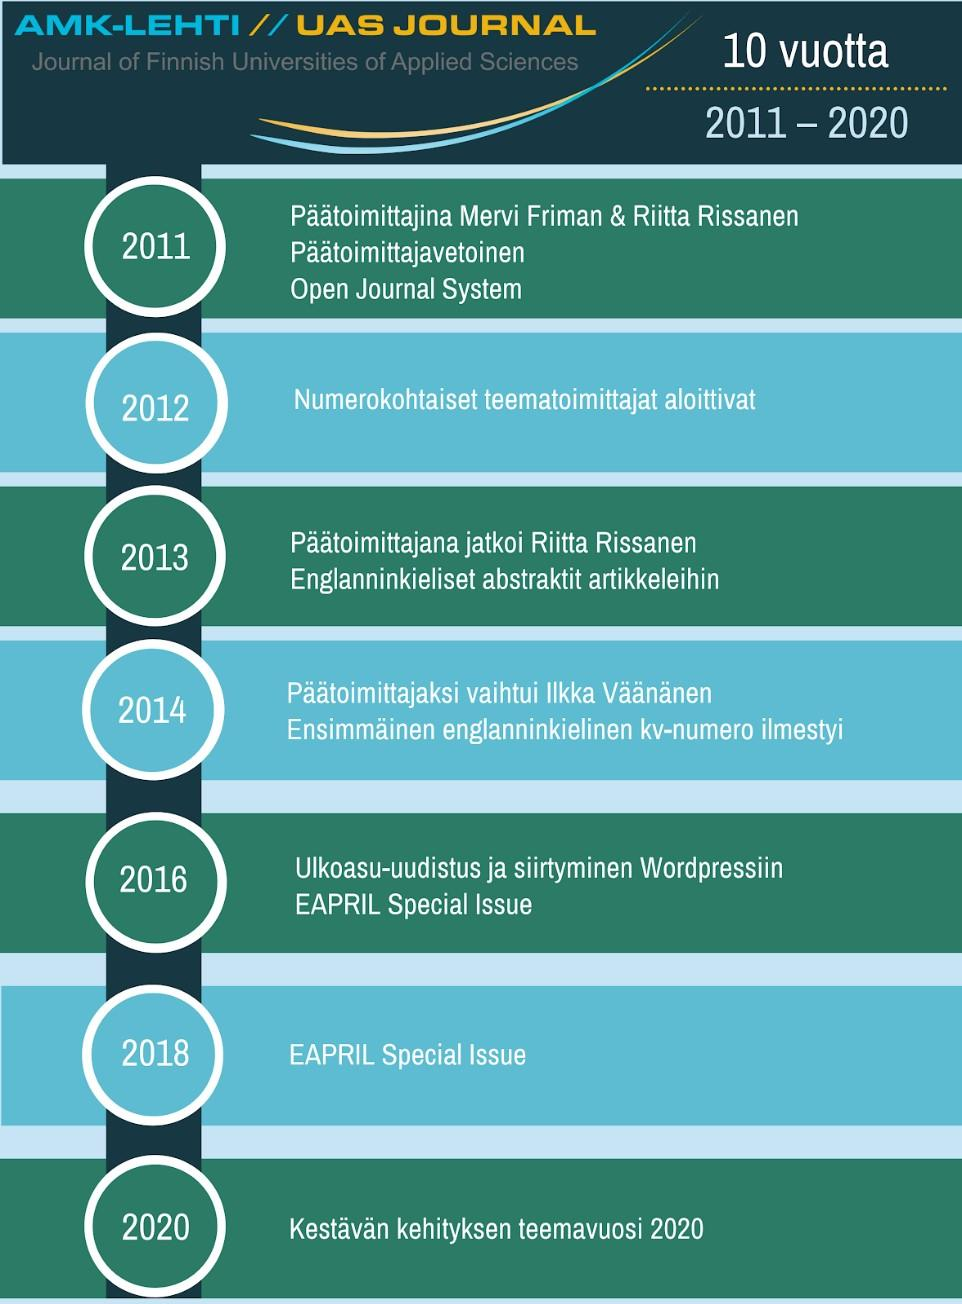 Kuvio 1. Taitekohtia UAS Journalin 10-vuotistaipaleelta (Kuva: Lamberg 2020).